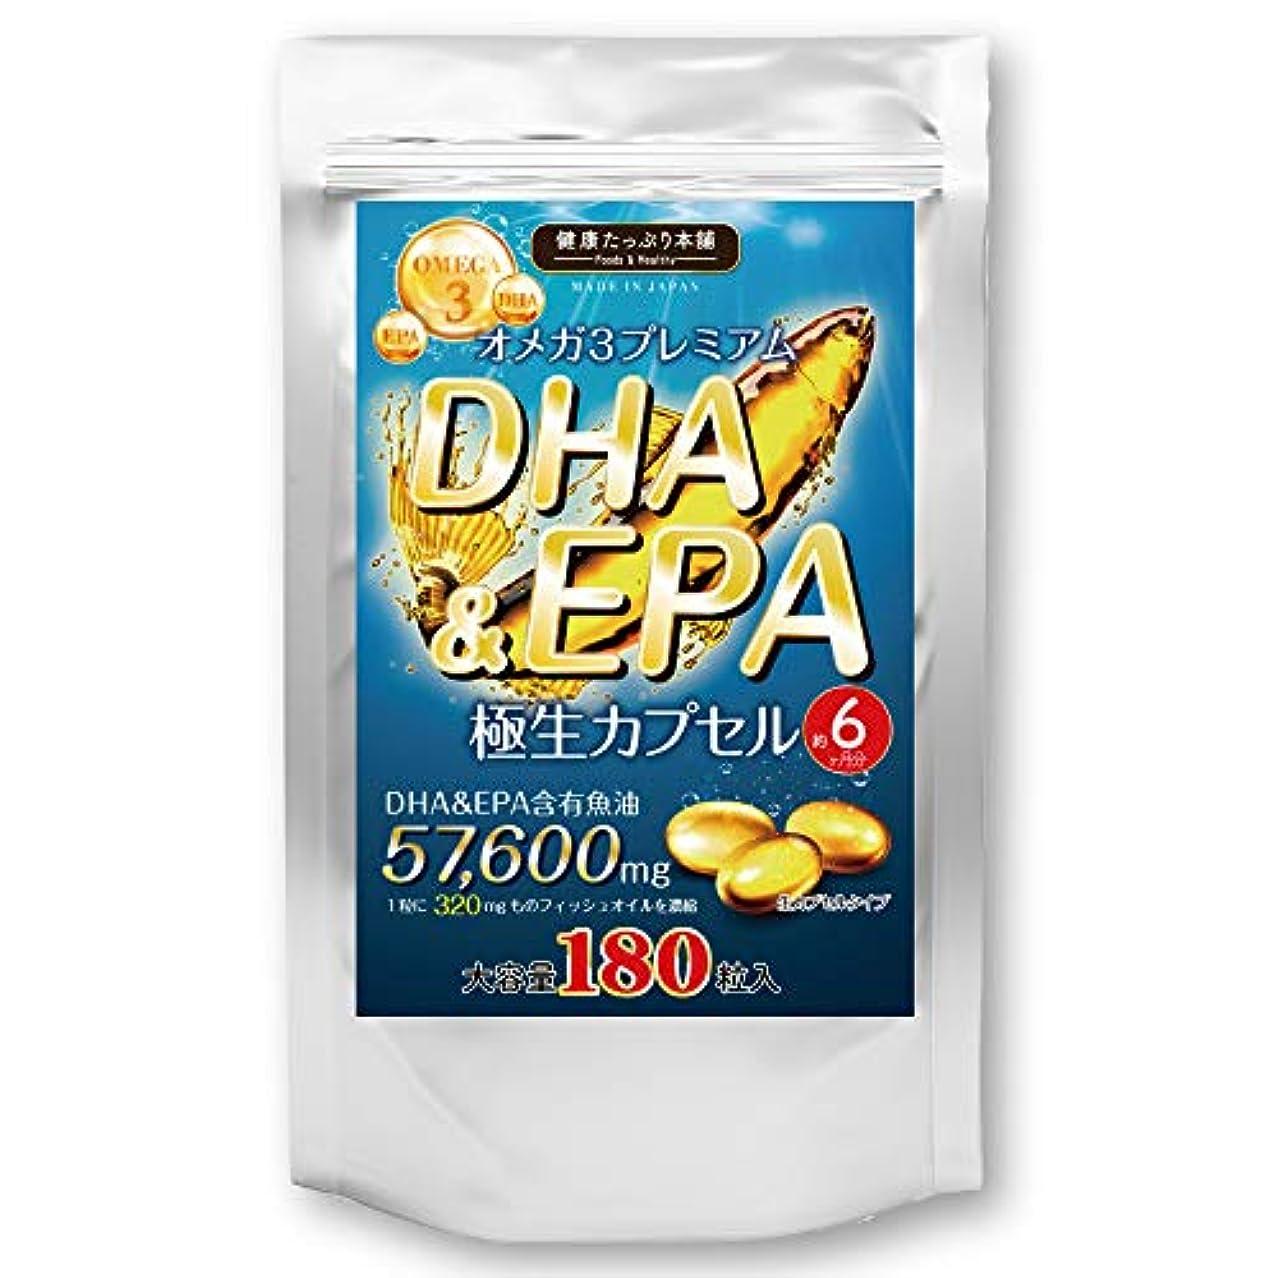 地獄追い出す奇跡的なオメガ3プレミアム DHA&EPA 極生ソフトカプセル 大容量約6ヶ月分/180粒(DHA含有魚油?EPA含有魚油)